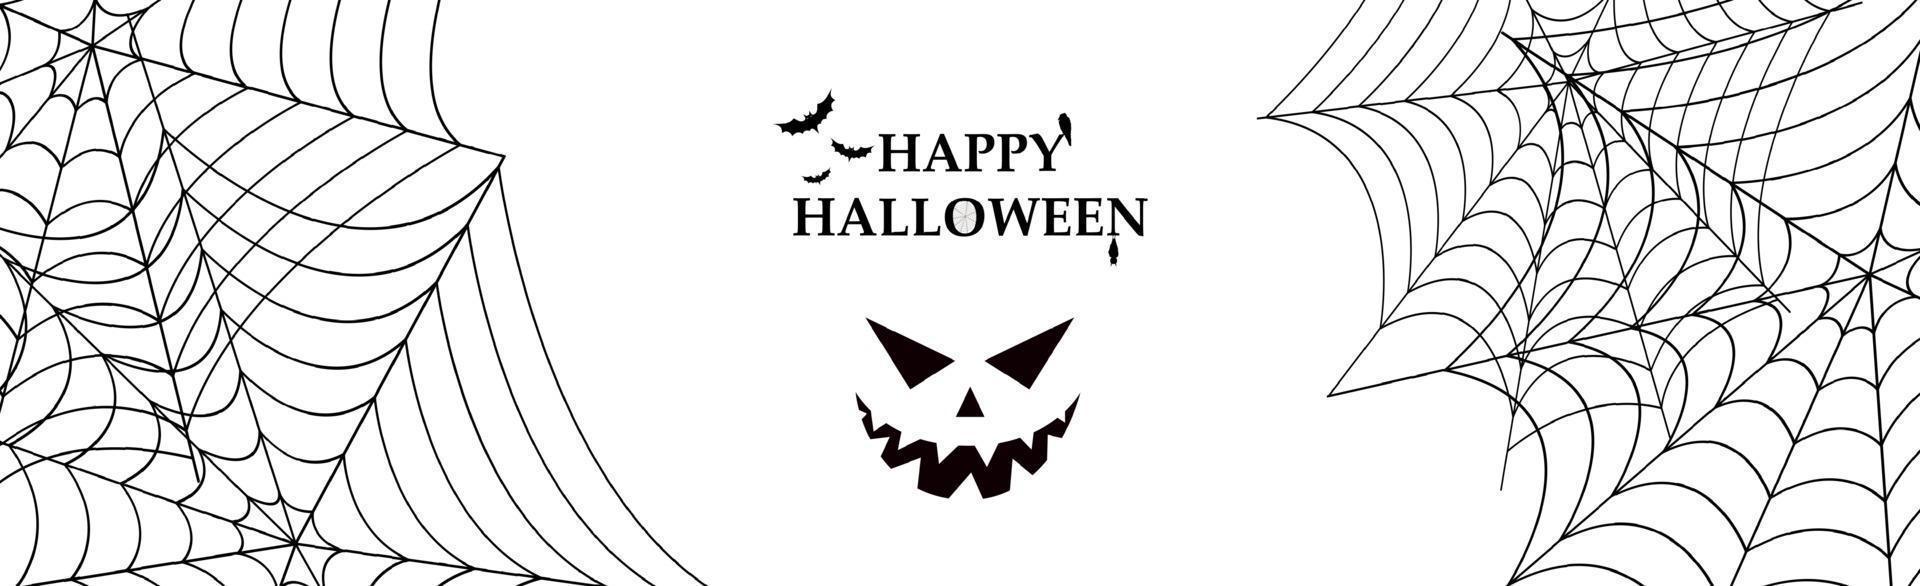 fondo blanco sombrío con elementos de la fiesta de halloween vector